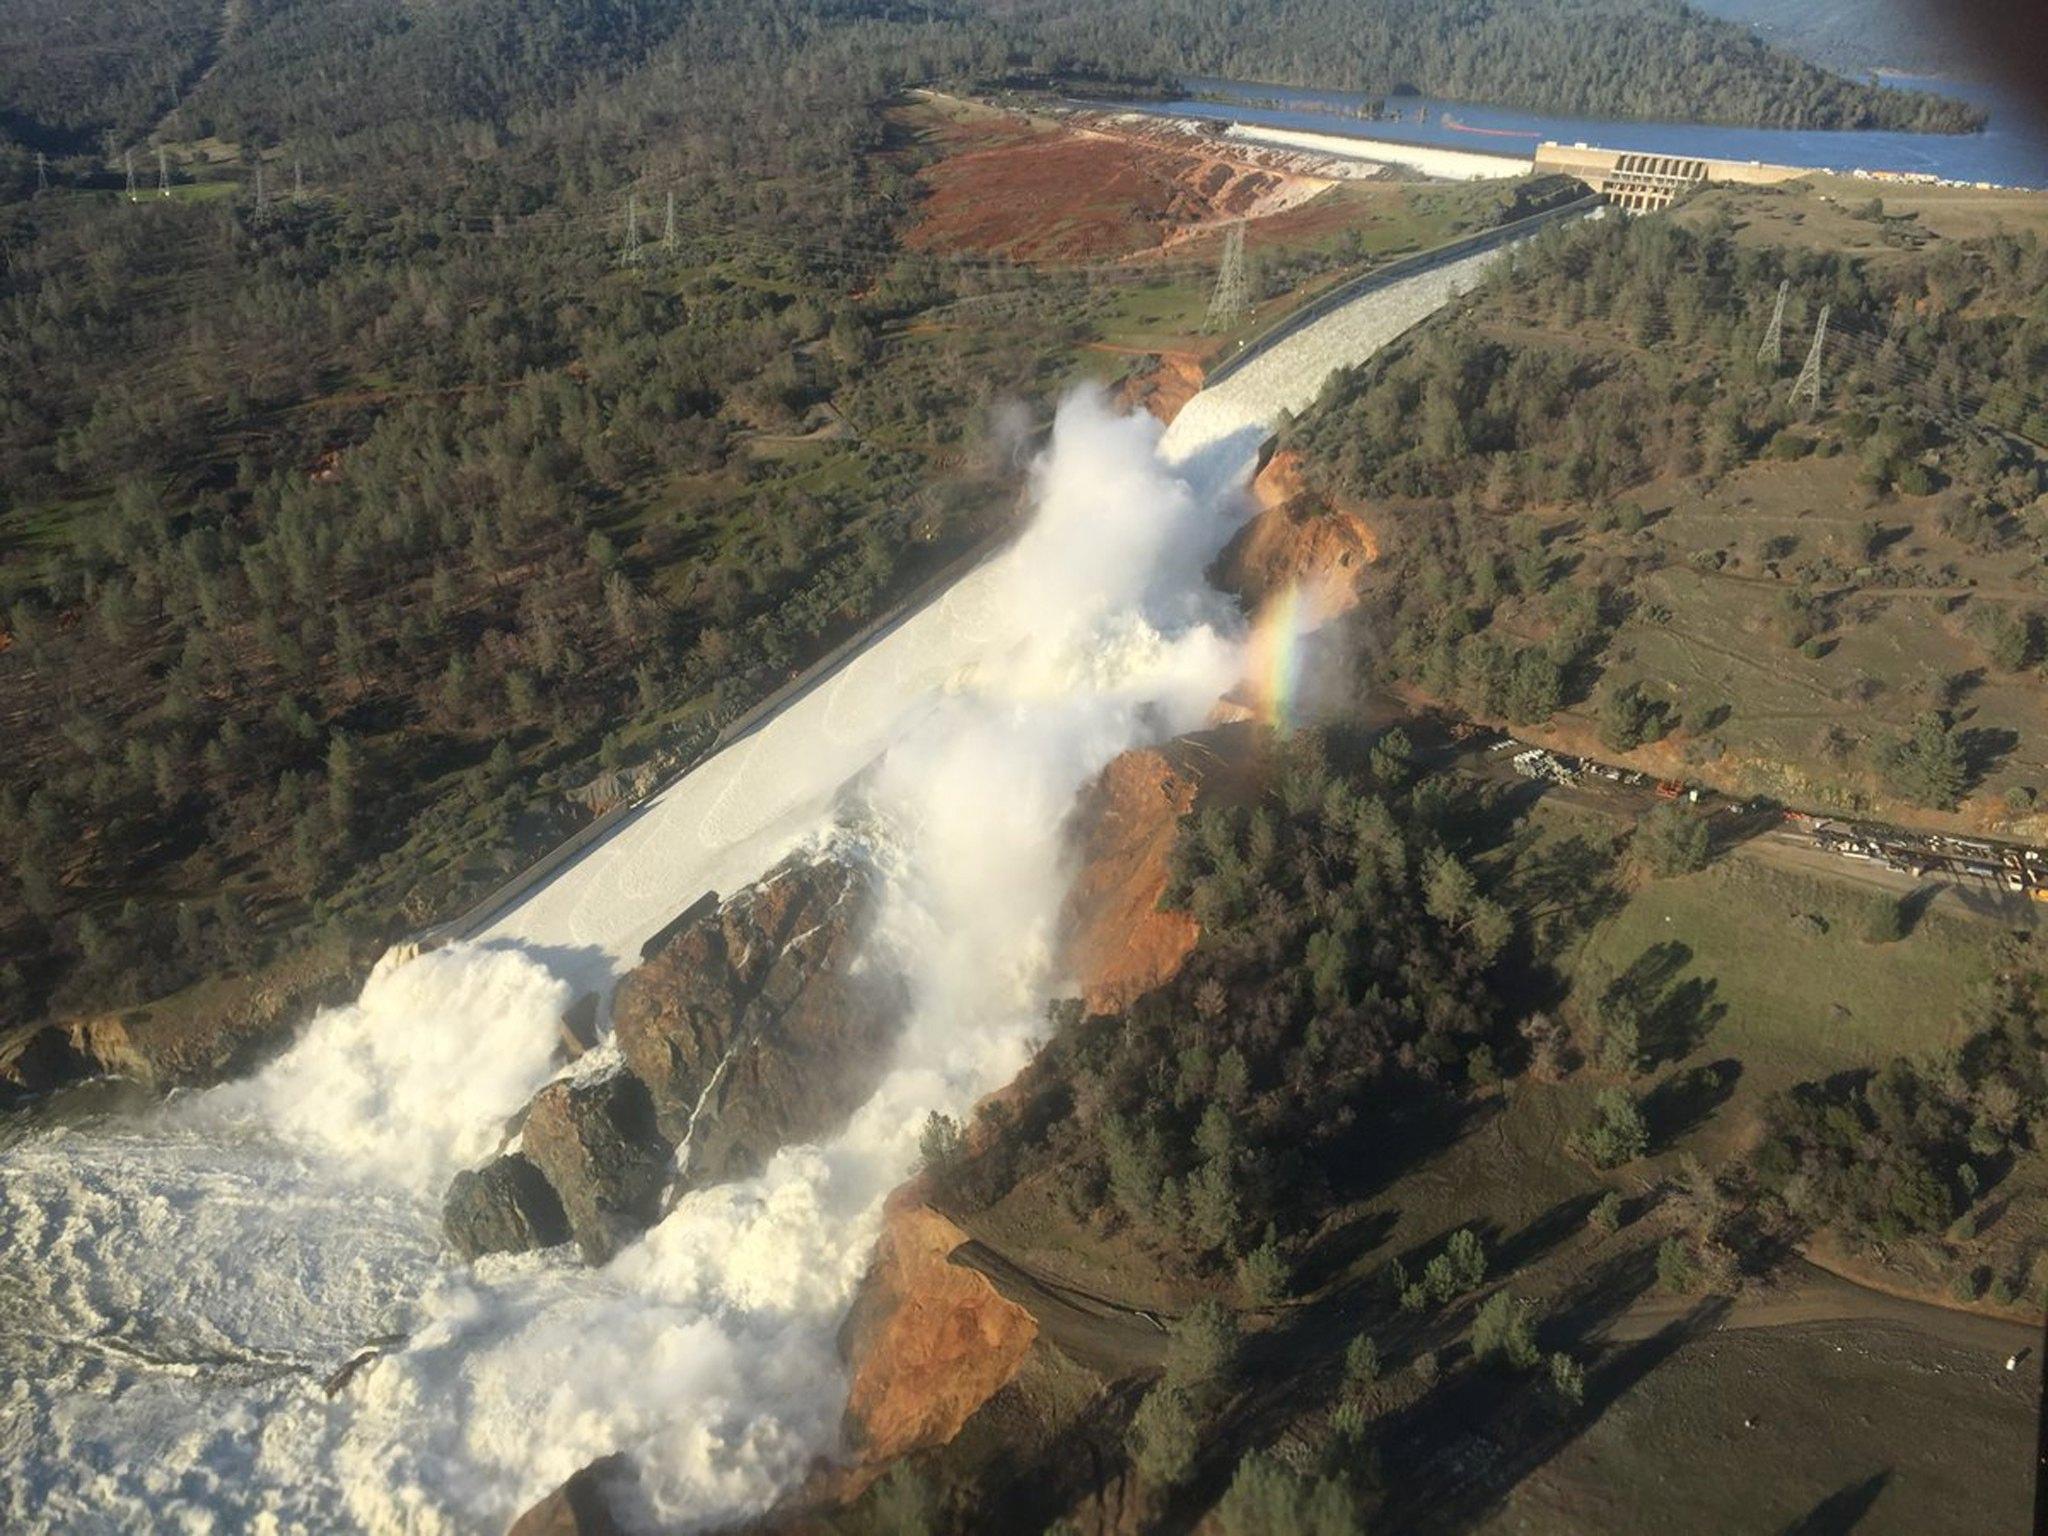 Parte dañada de la represa Oroville. (Foto: Departamento de Recursos Hídricos de California)